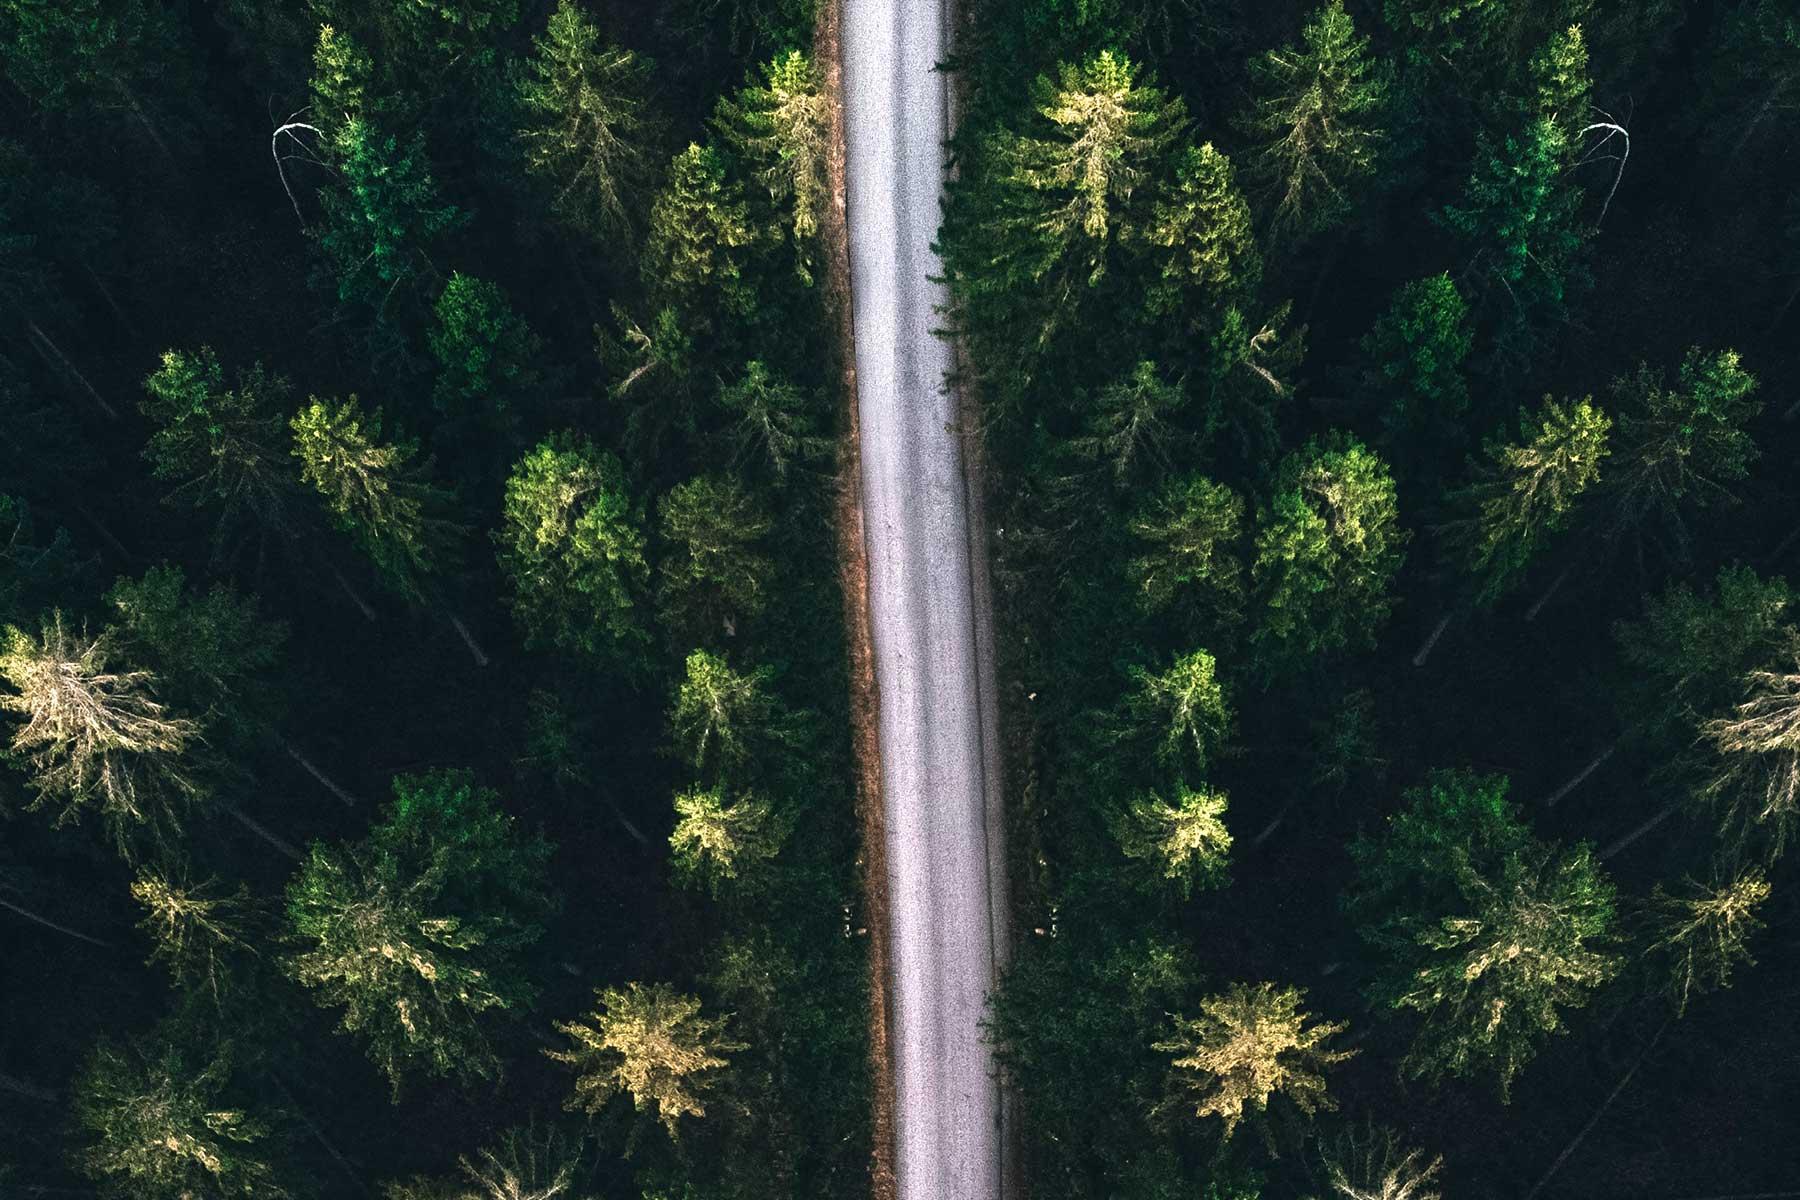 Resor-till-Öland-skog-Nygren-Lind-Resebyrå